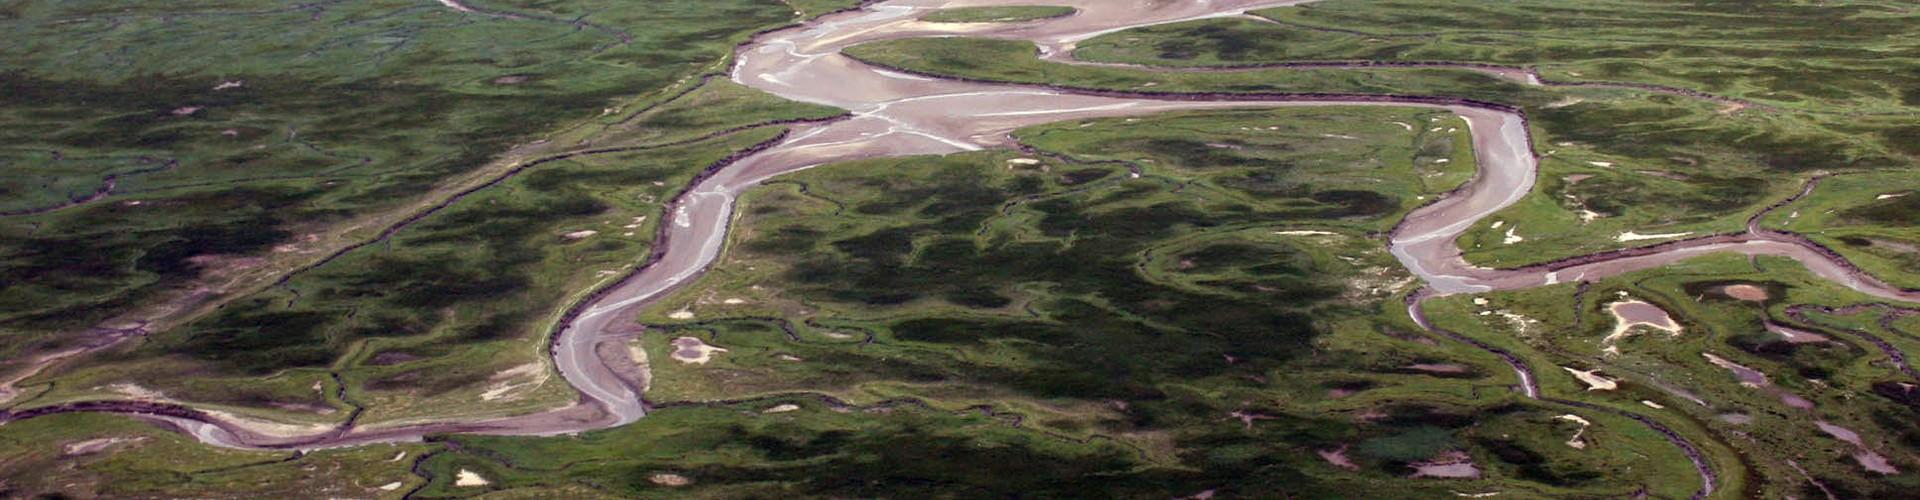 Aerial photograph of flooded land in the Saeftinghe region, southwestern Netherlands (Credit: A. de Kraker)